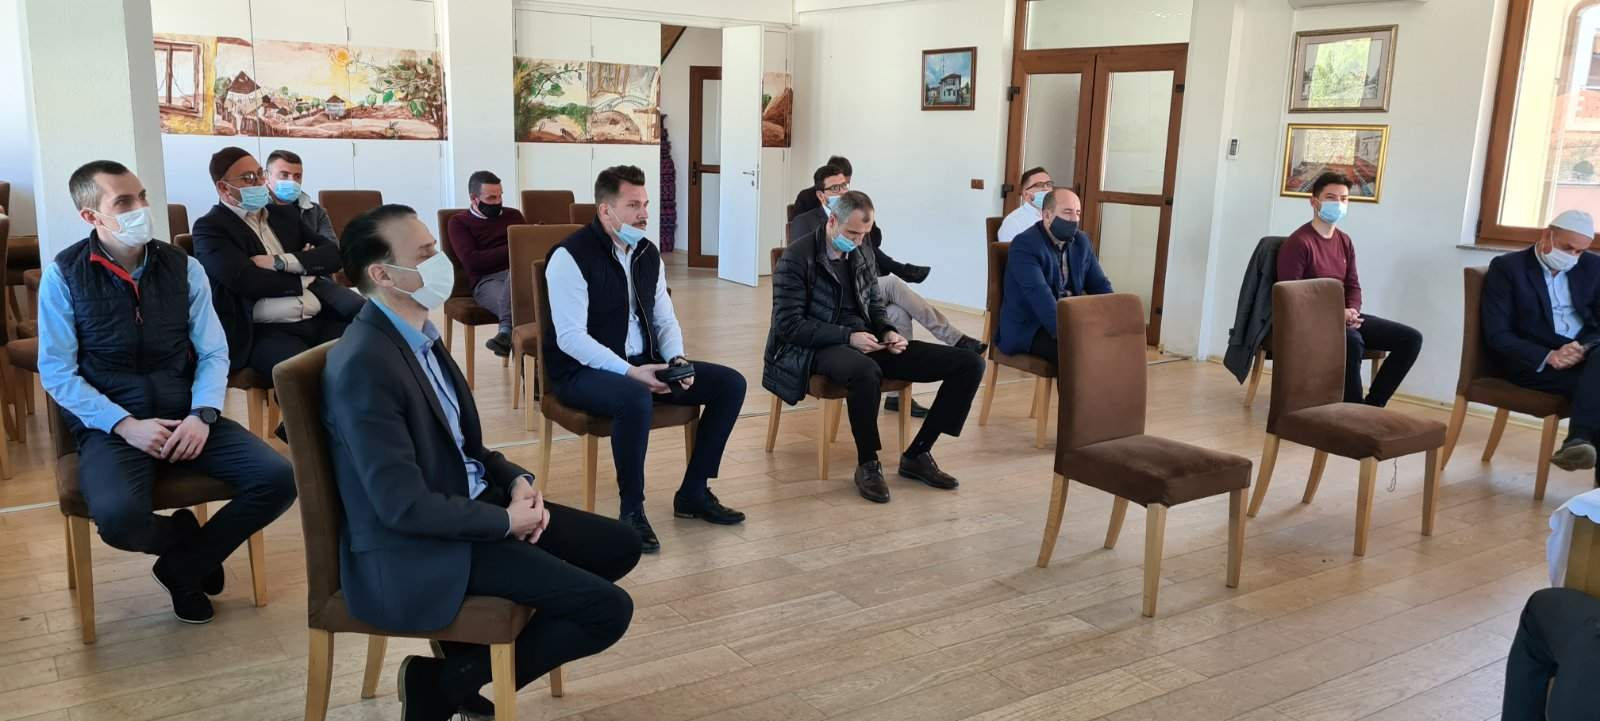 Muftija u Kiseljaku.jpg - Ef. Bašić: Za mene kao imama i vjernika je poniženje da me alkotestiraju